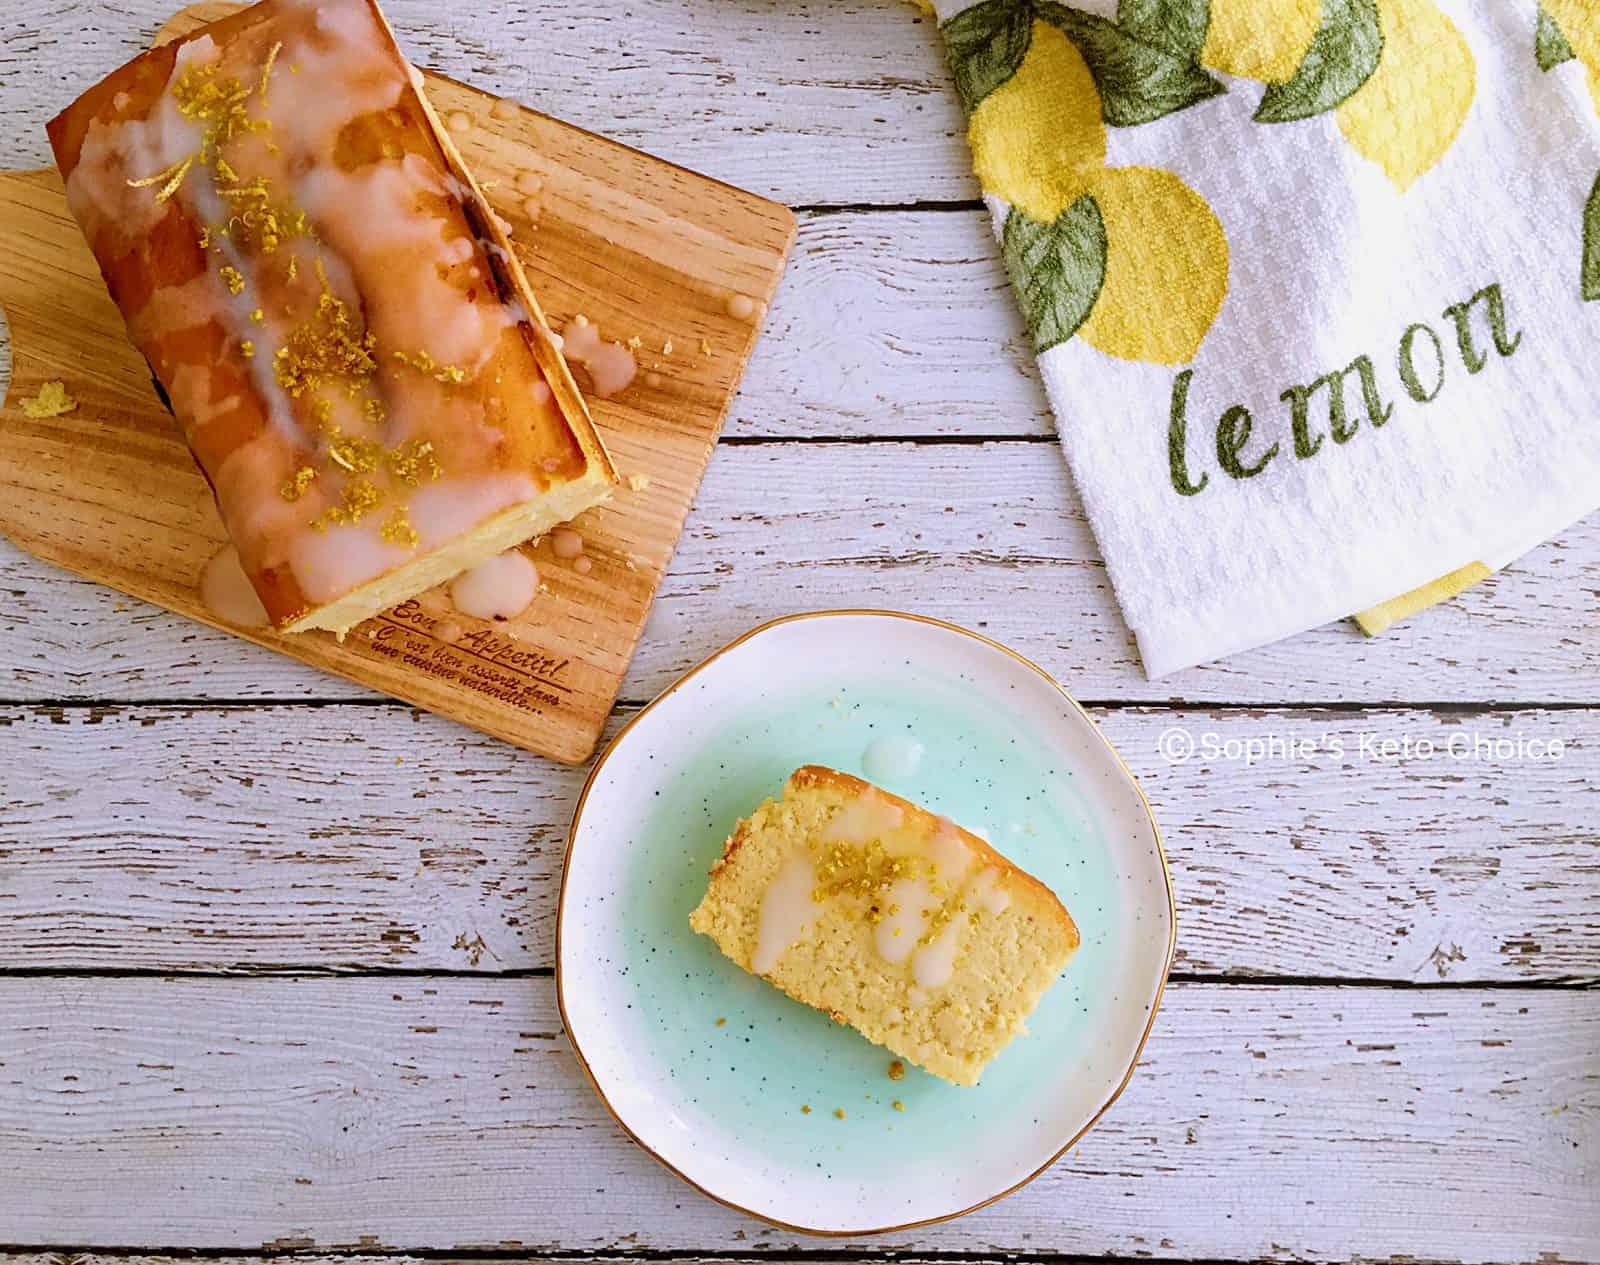 生酮老奶奶檸檬蛋糕 -改造經典甜點成低碳版!網友都說讚!附製作影片